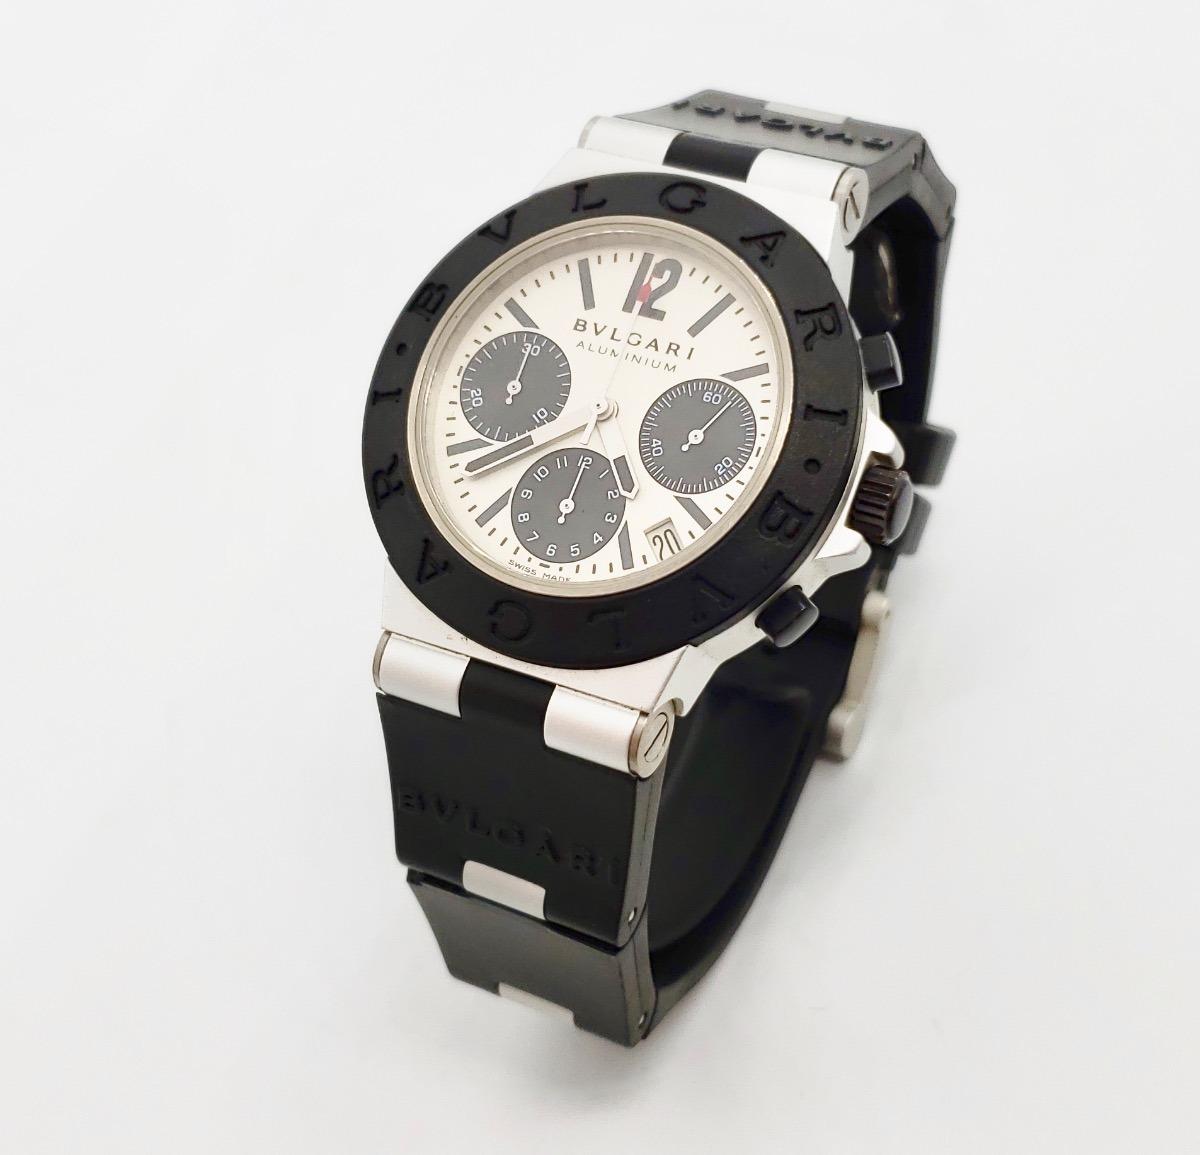 b375e2e4bf75b reloj bvlgari aluminio chronografo automatico cono nuevo. Cargando zoom.